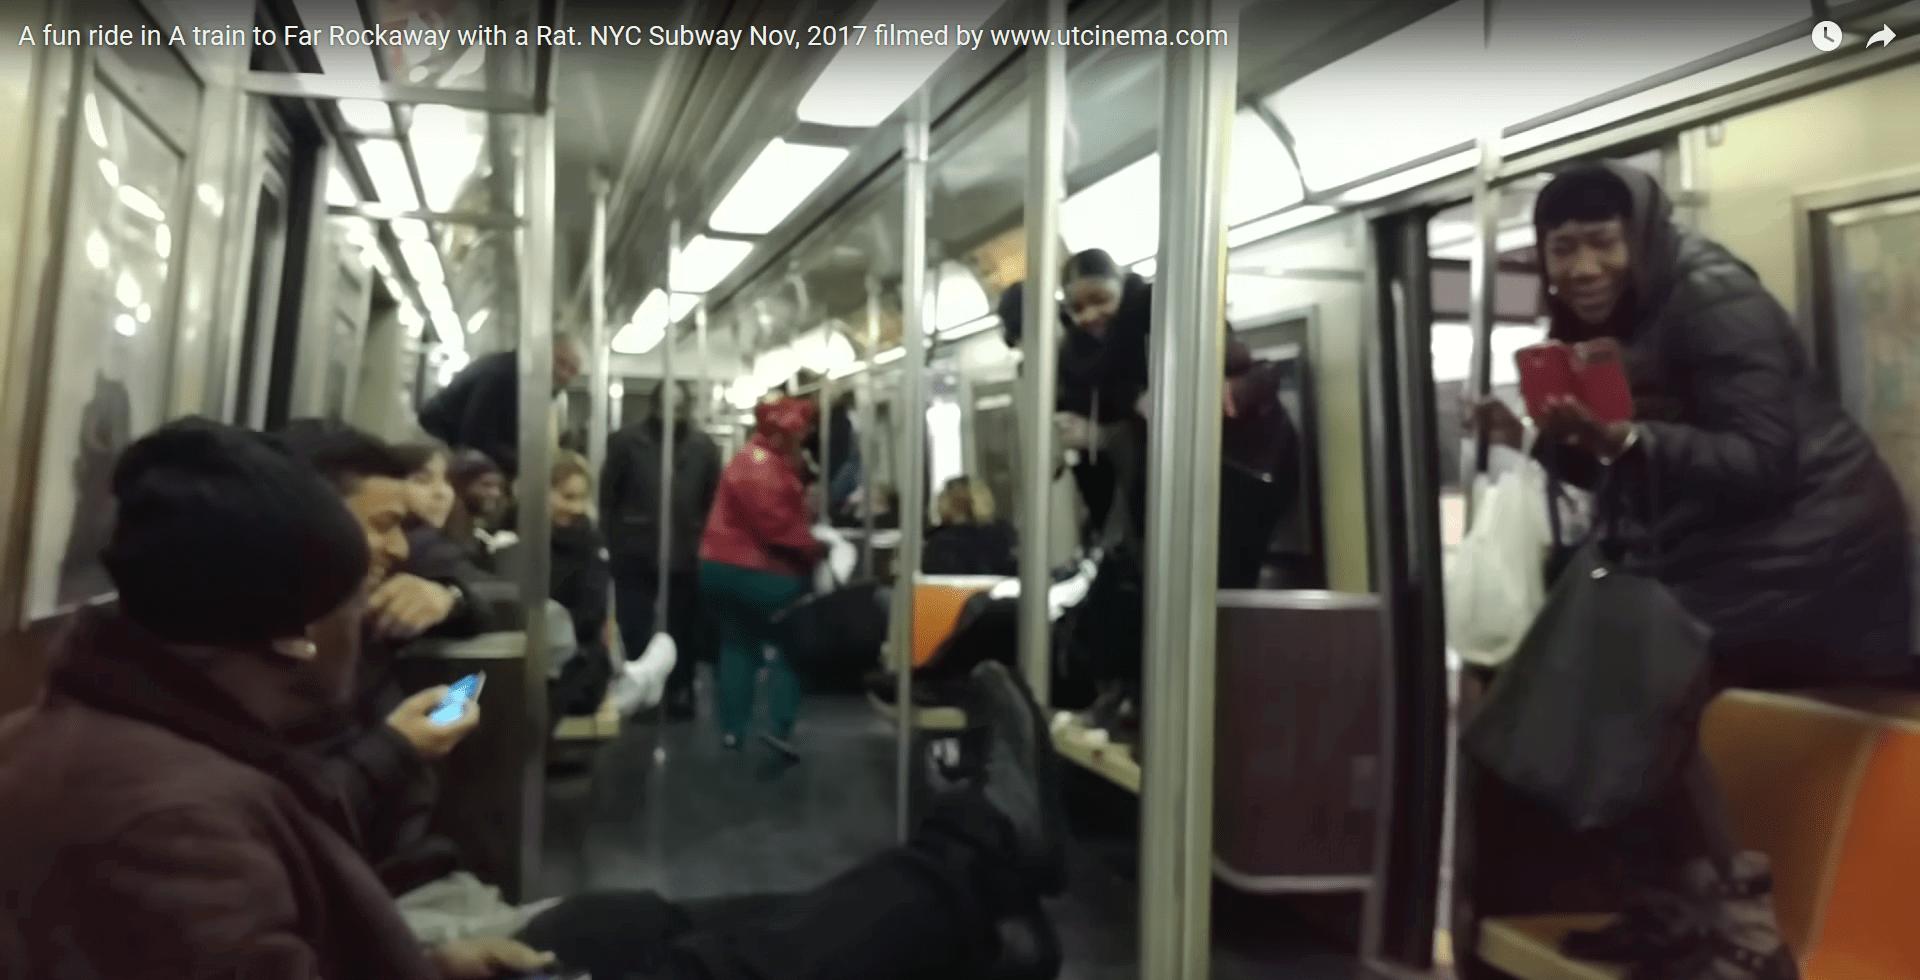 πανικός σε μετρό